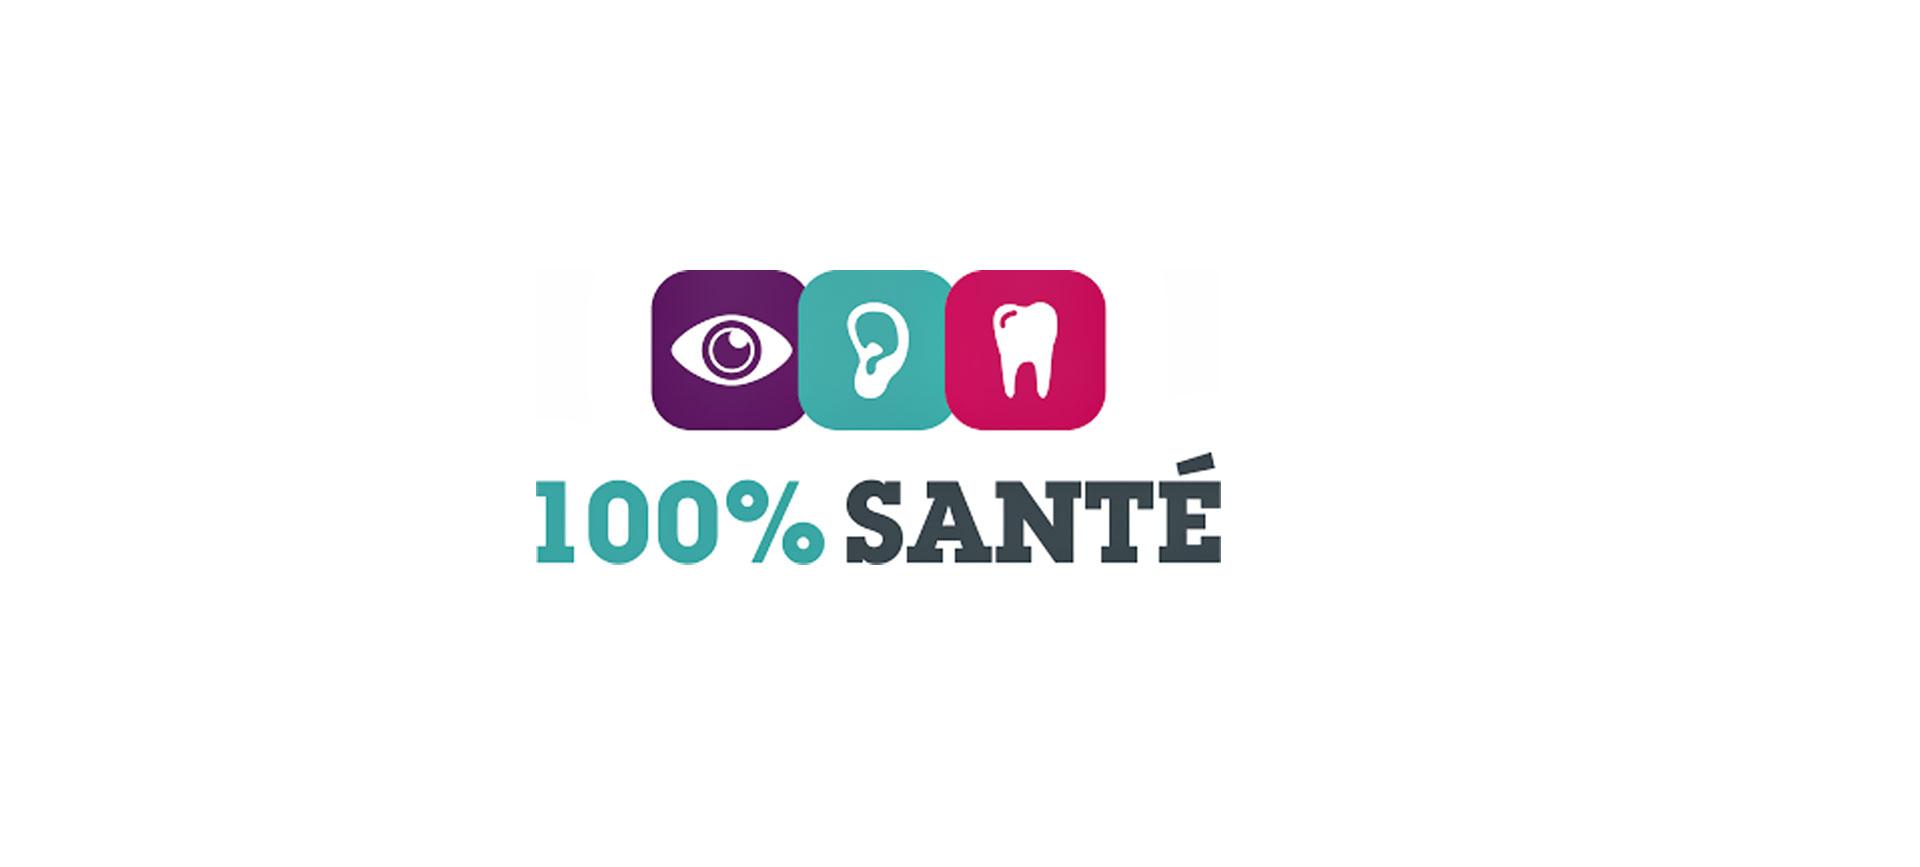 100% SANTE